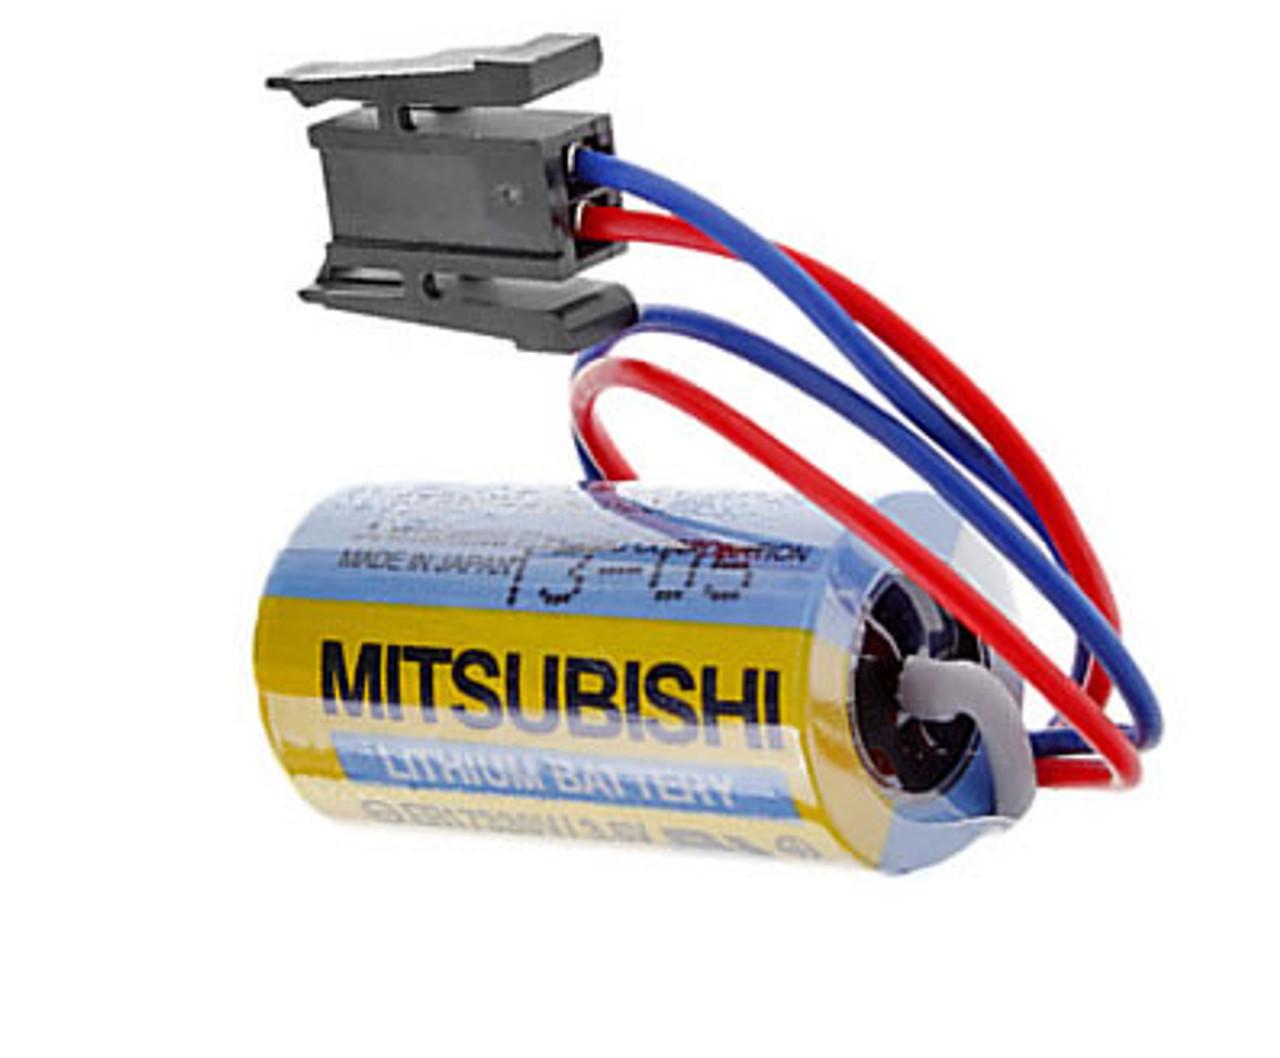 Mitsubishi ER17330V Battery